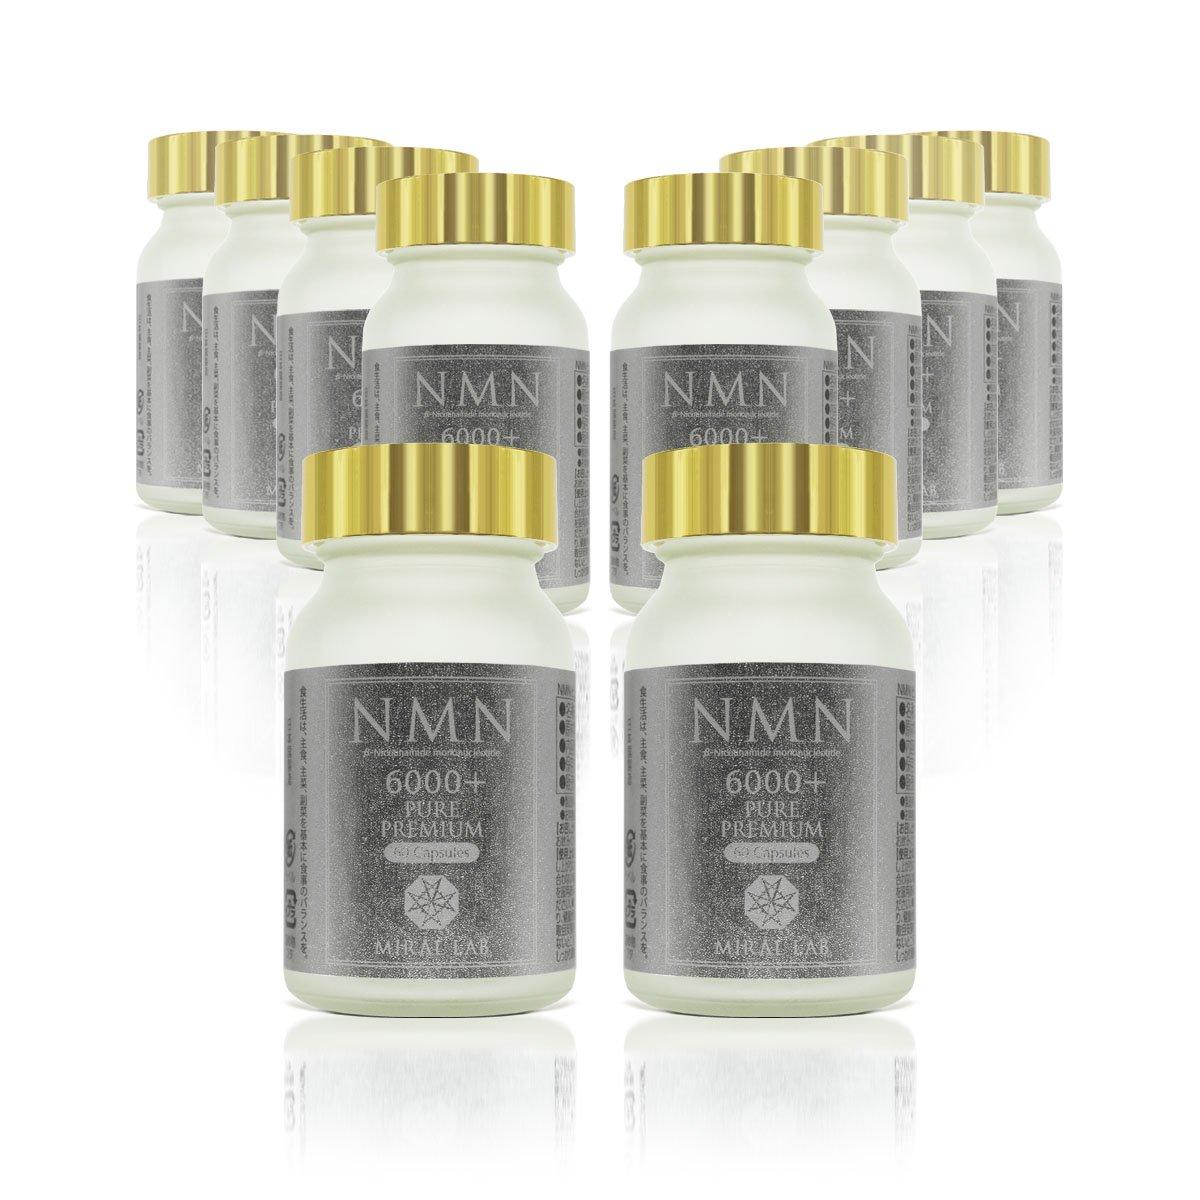 NMN ピュア プレミアム 6000 (60カプセル) 10個セット